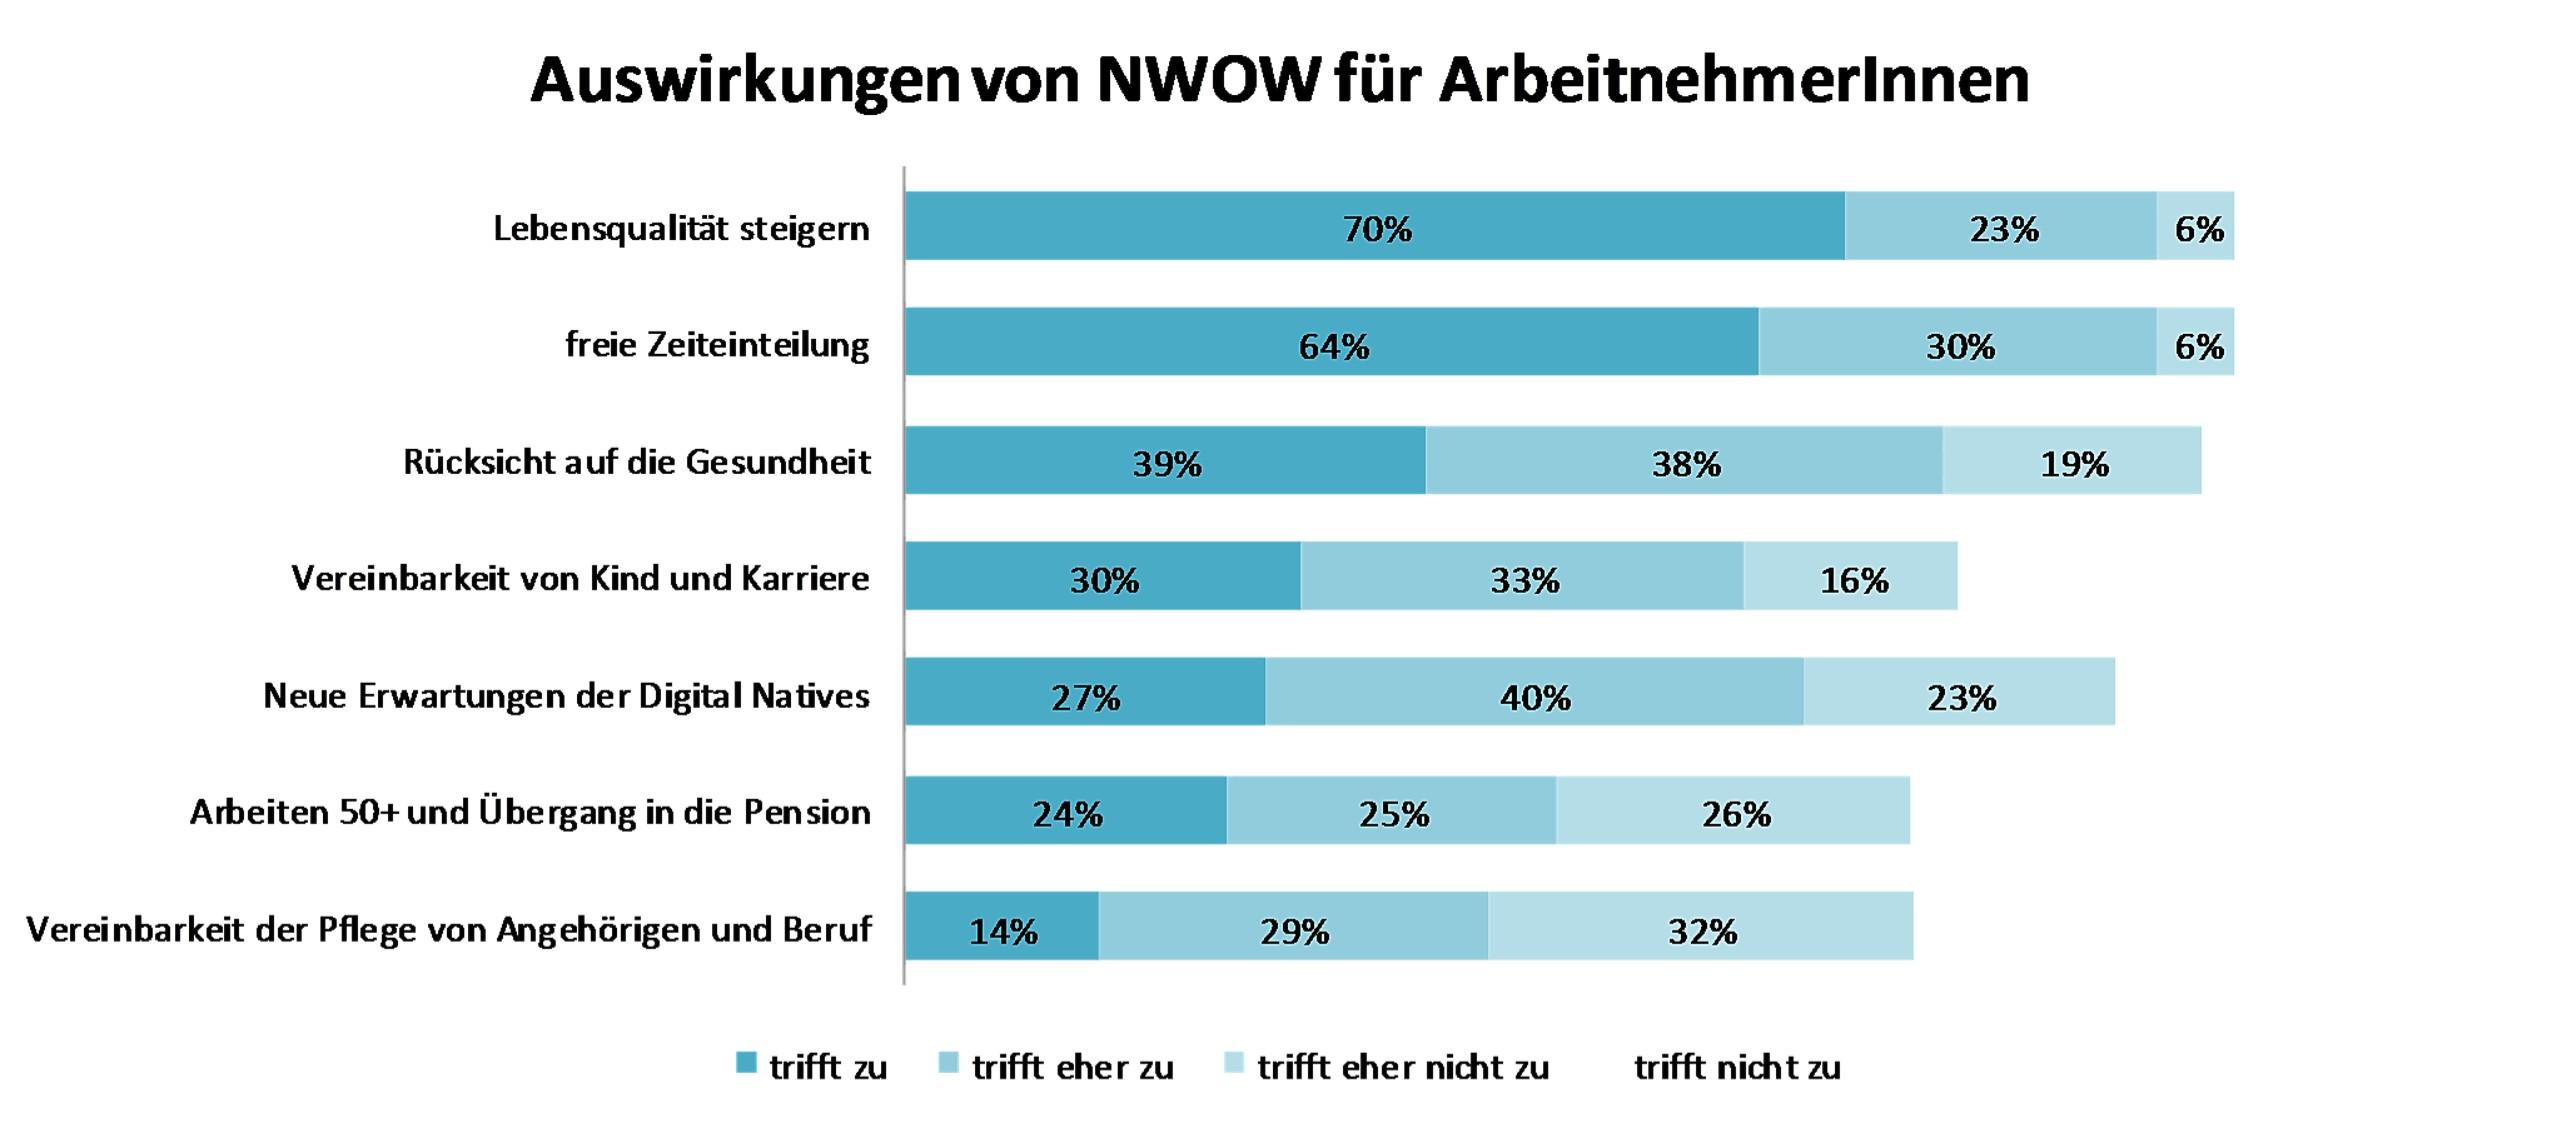 Auswirkungen von NWOW für ArbeitnehmerInnen